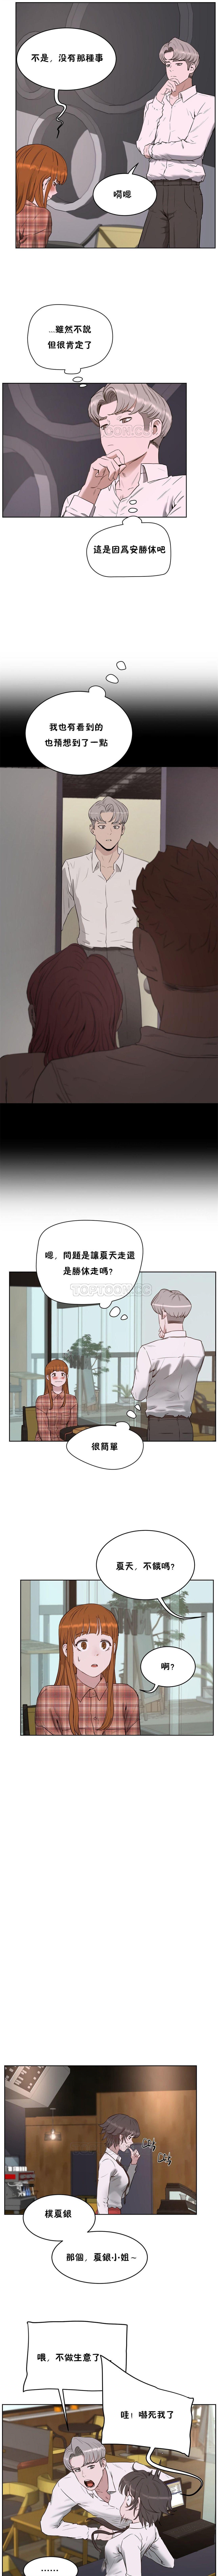 性教育 1-48.5 中文翻译(完結) 148